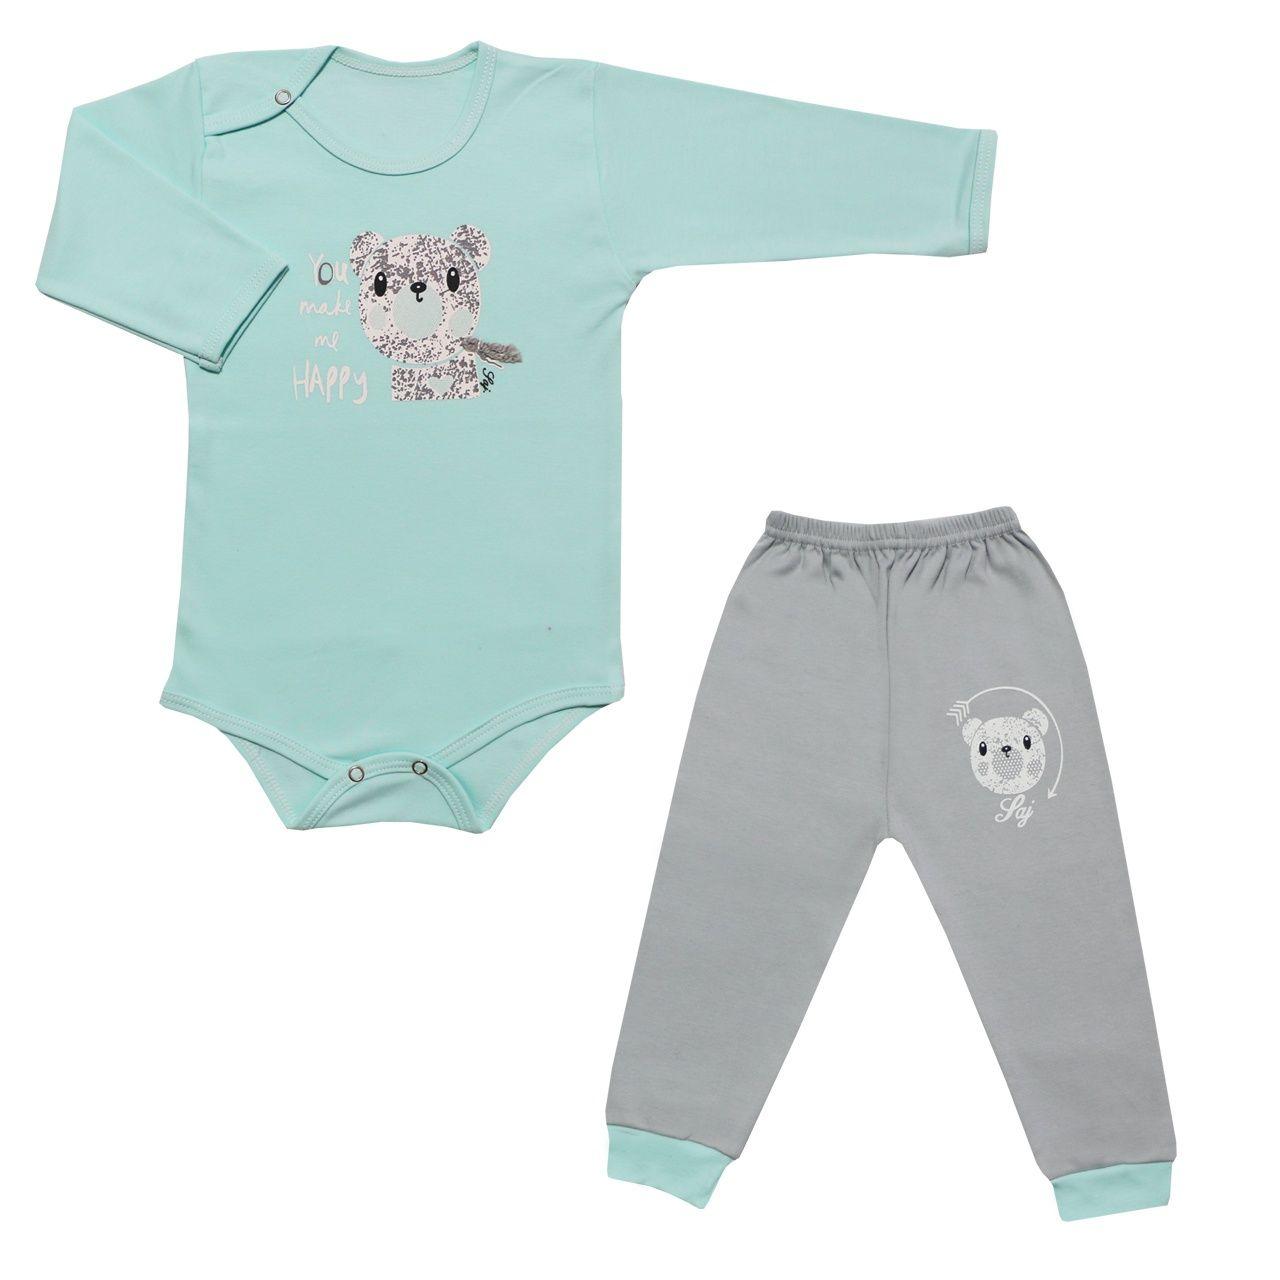 ست بادی آستین بلند و شلوار نوزادی طرح خرس کد 10-11 -  - 2